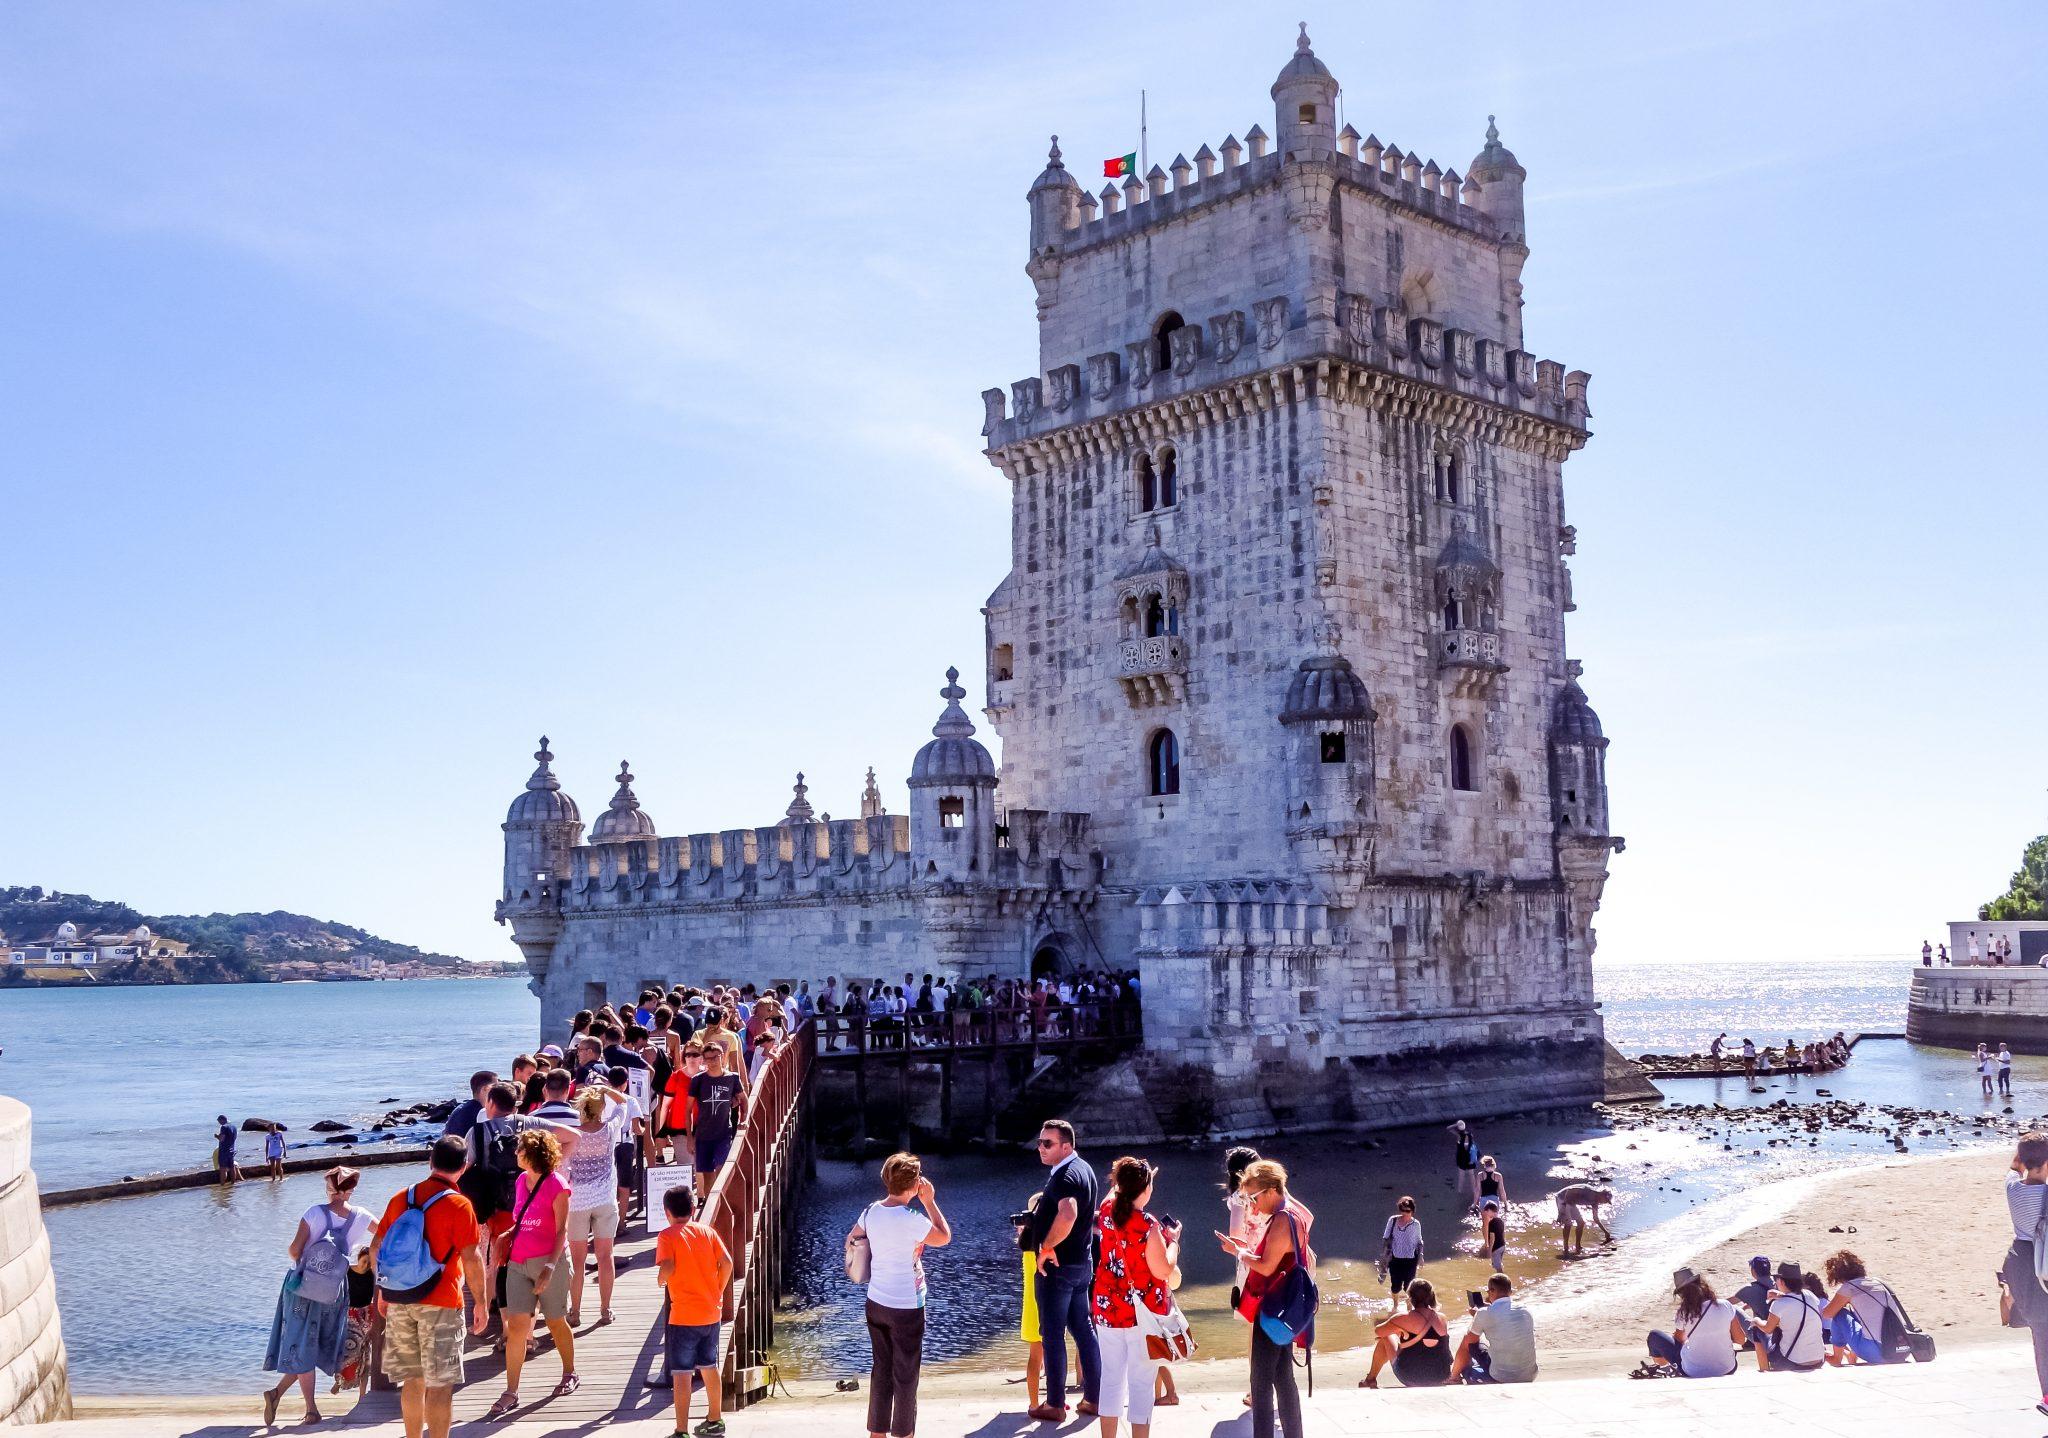 Portugal, Lissabon, Belém, Torre de Belém